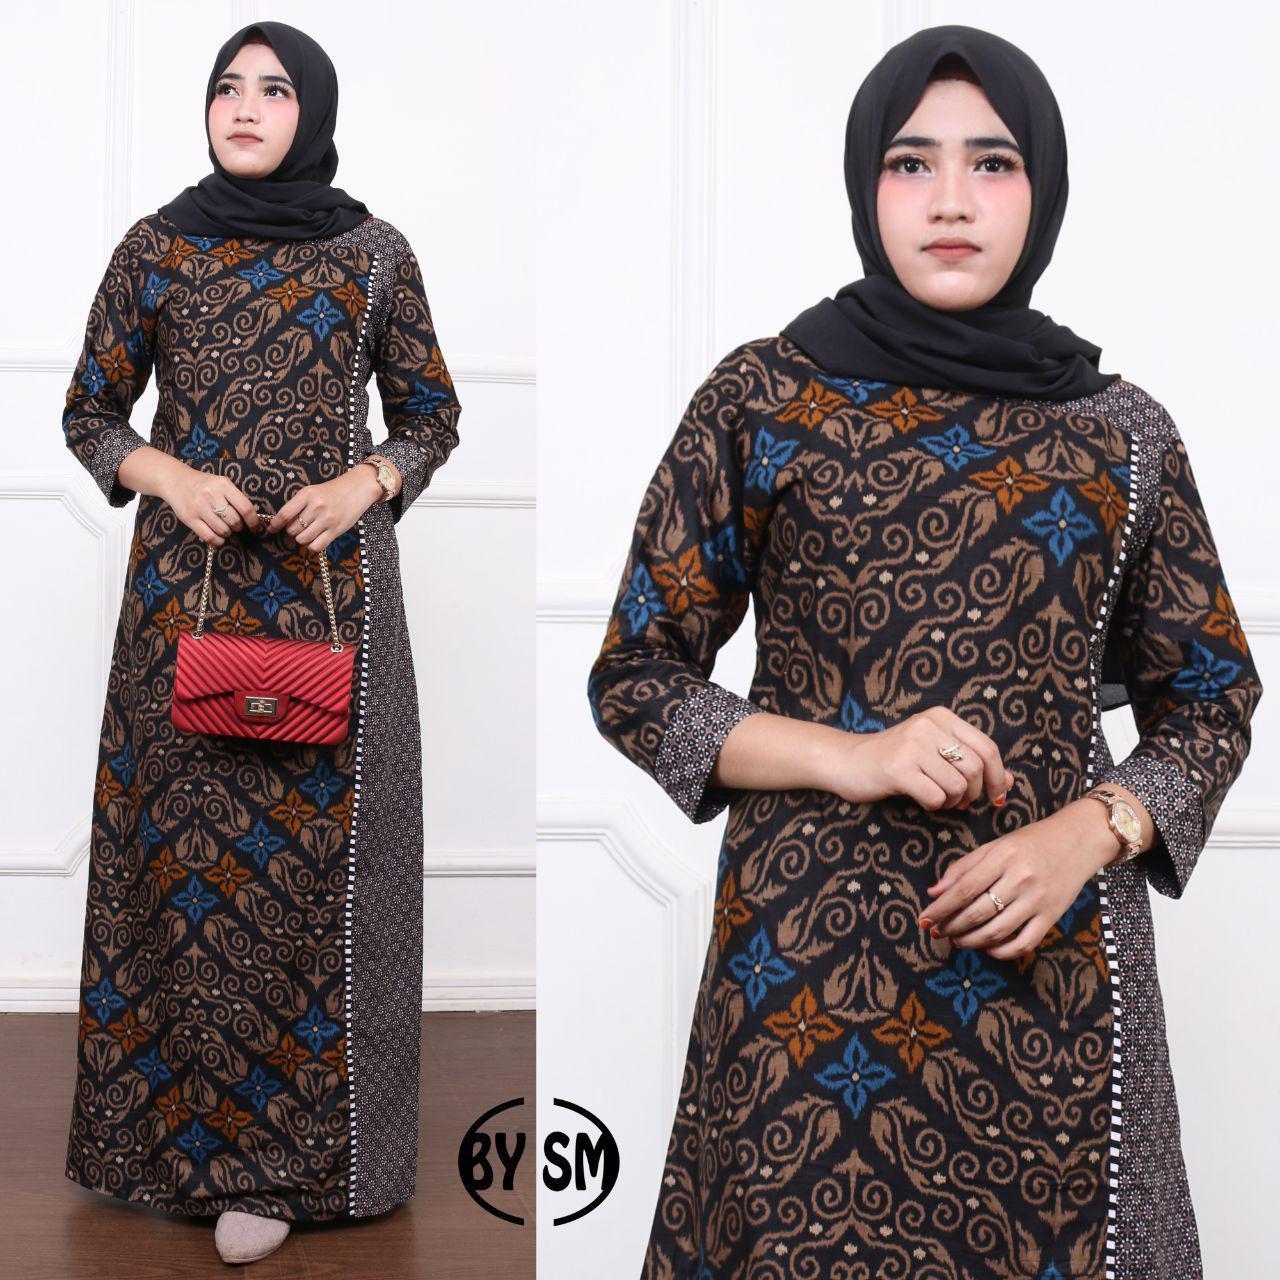 Gamis Batik Sofi Standar Ajimodel Baju Gamis Terbaru 2019 Gamis Murah Gamis Ori Busana Muslim Gamis Batik Gamis Modern Grosir Gamis Baju